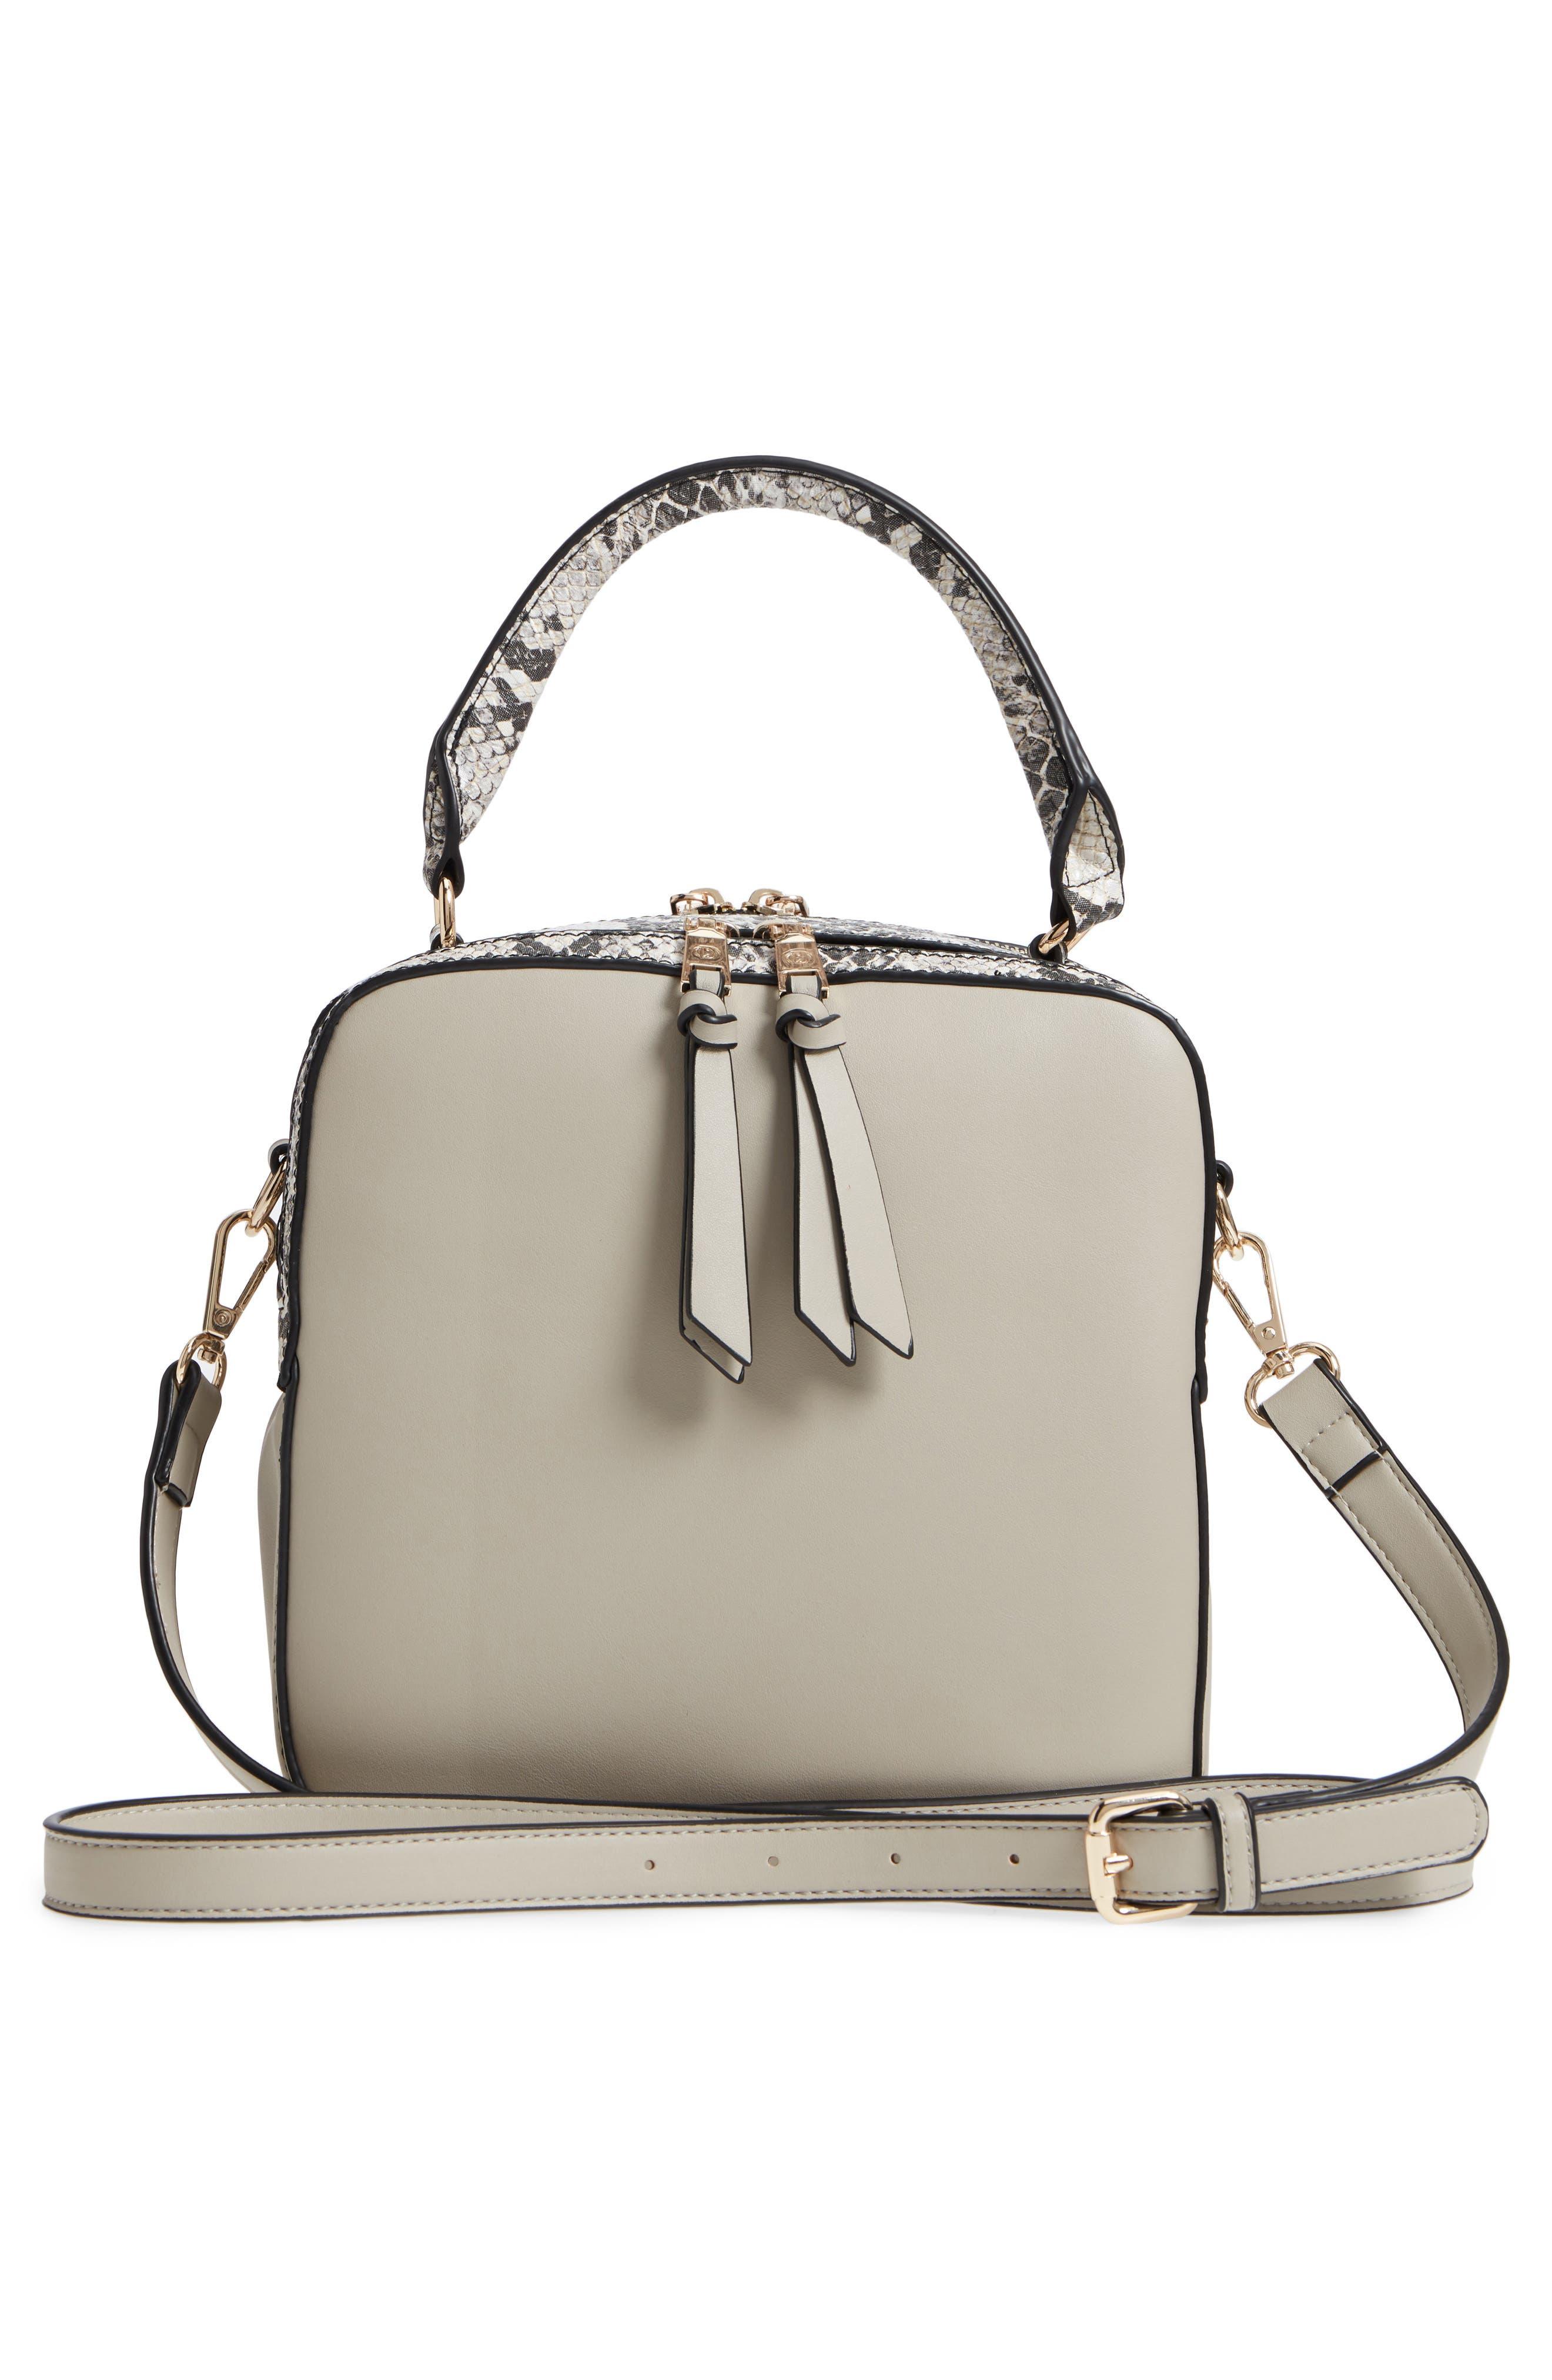 Céline Dion Motif Top Handle Leather Satchel,                             Alternate thumbnail 8, color,